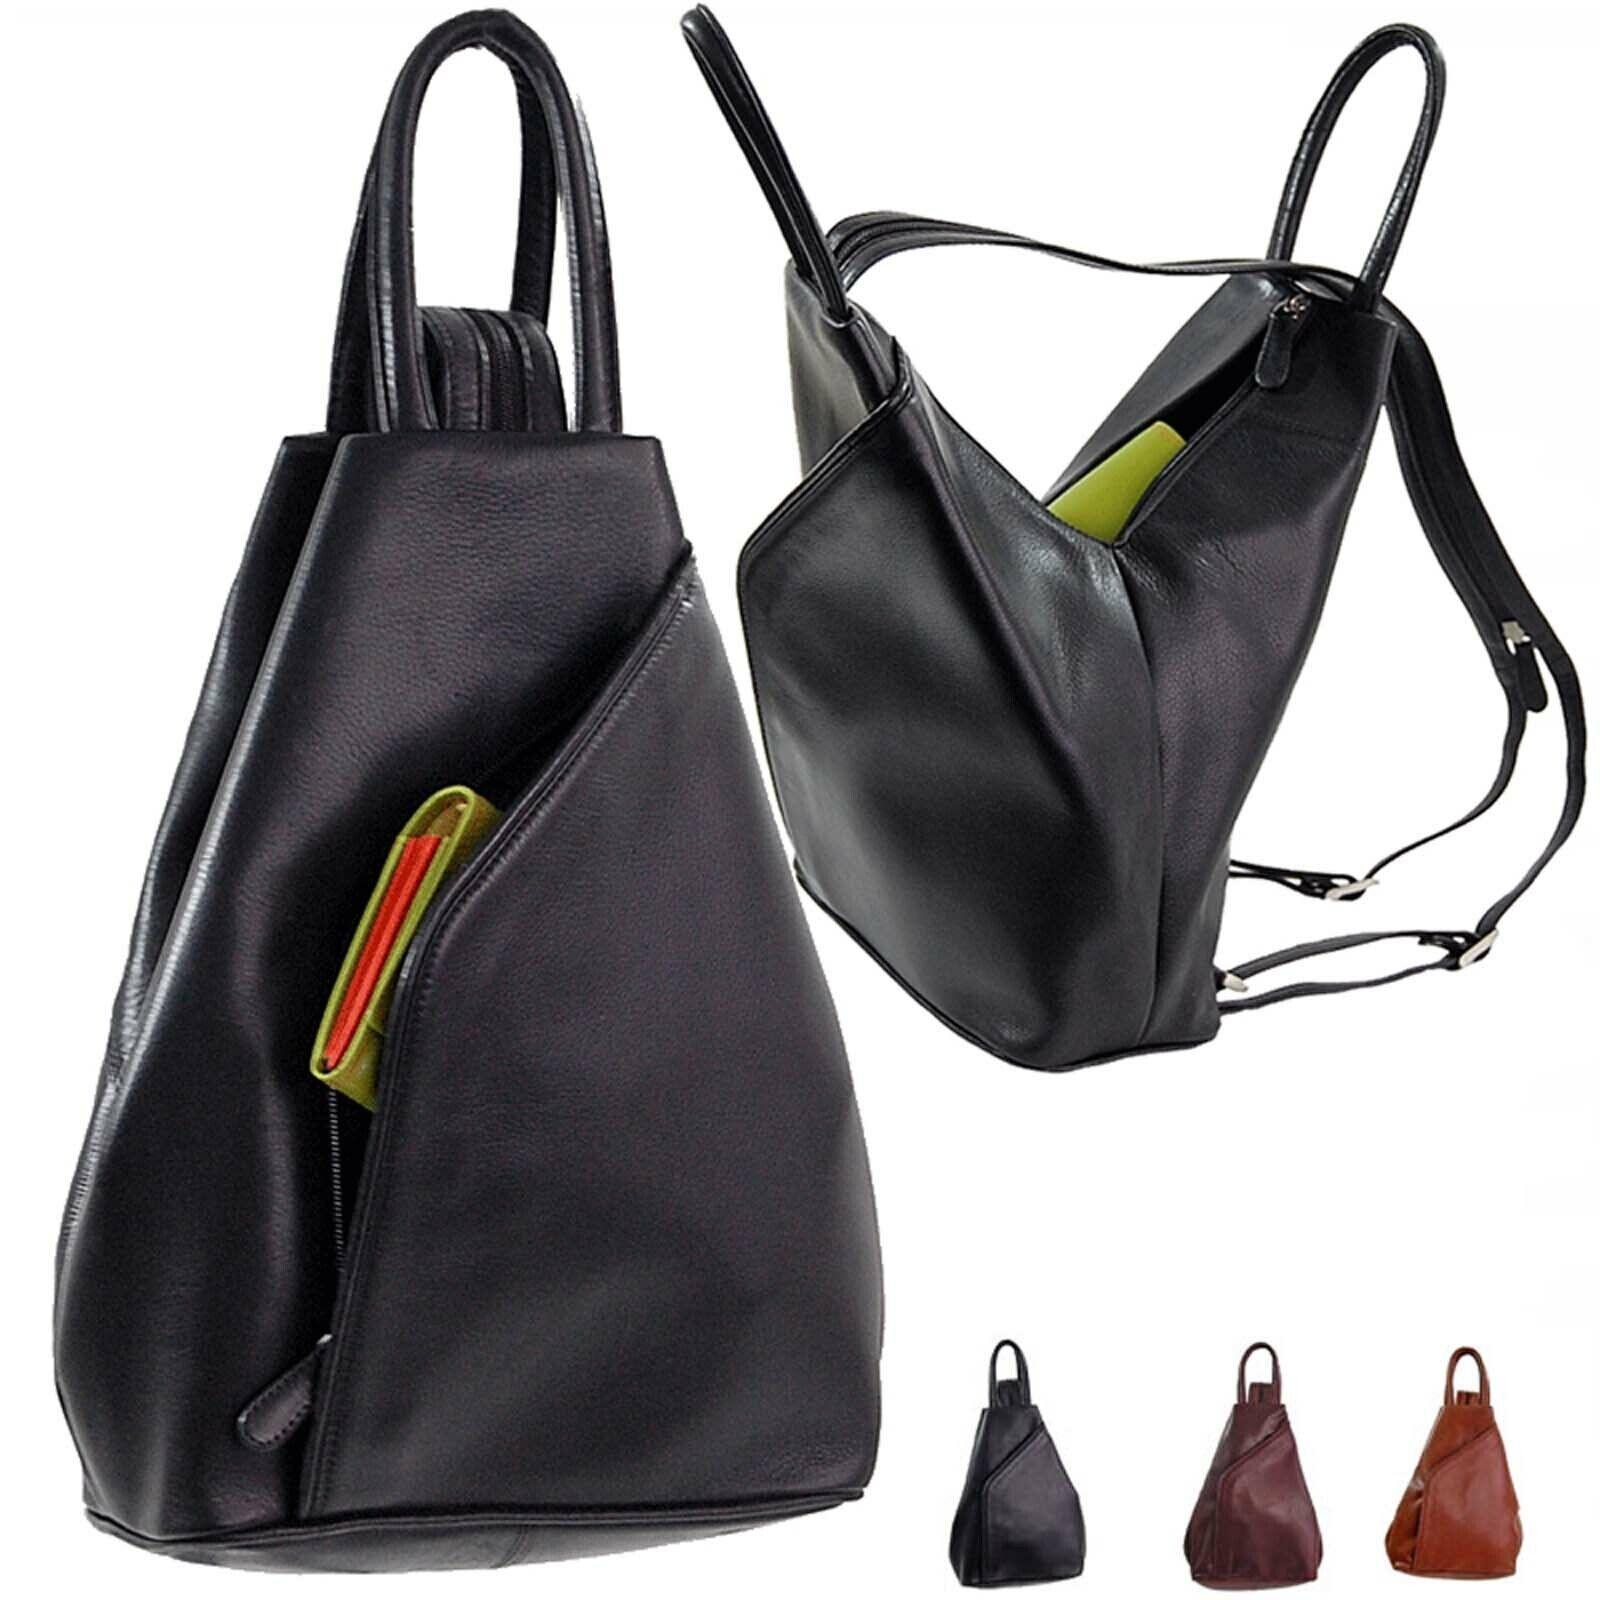 Branco Damen City Rucksack Leder Matchsack Damentasche Handtasche Tasche 5129